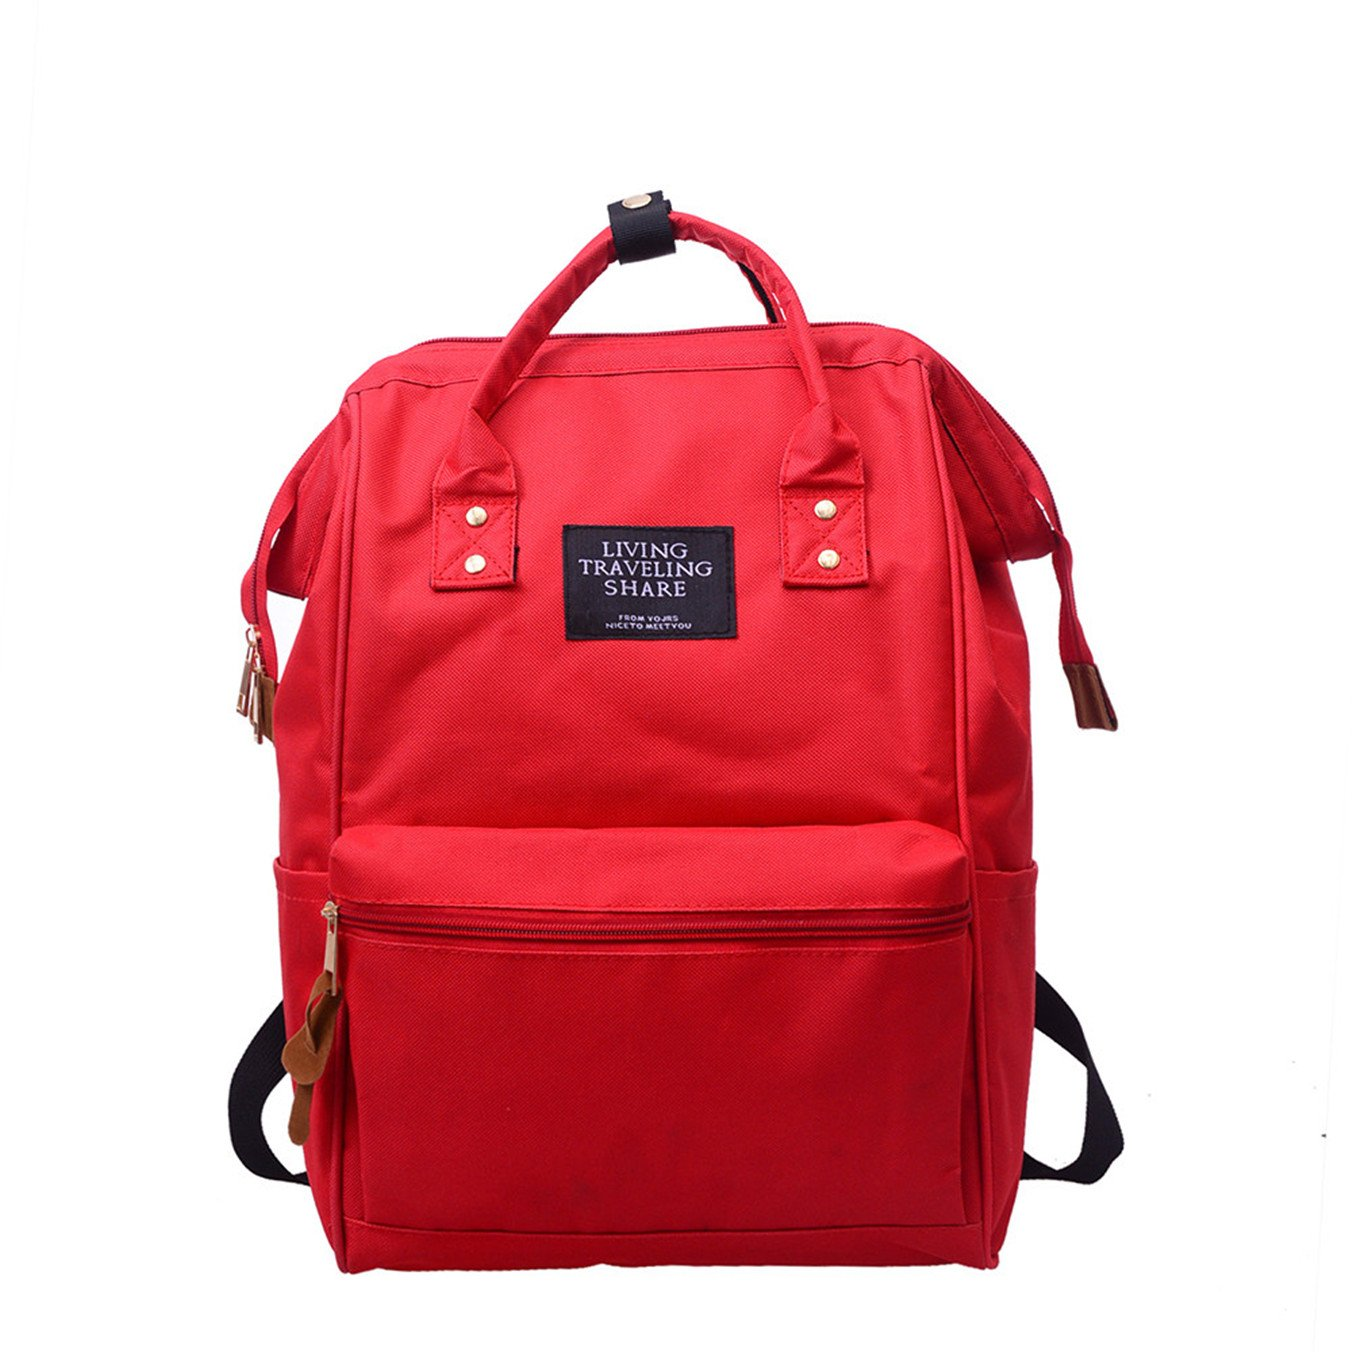 Elecenty Rucksack Backpack Damen, Unisex Schulranzen Damenrucksack Herren Rucksackhandtaschen Frauen Nylon Freizeitrucksack Schulrucksack Reißverschluss Reisetasche Tasche Taschen Armeegrün) Elecenty✮✮079